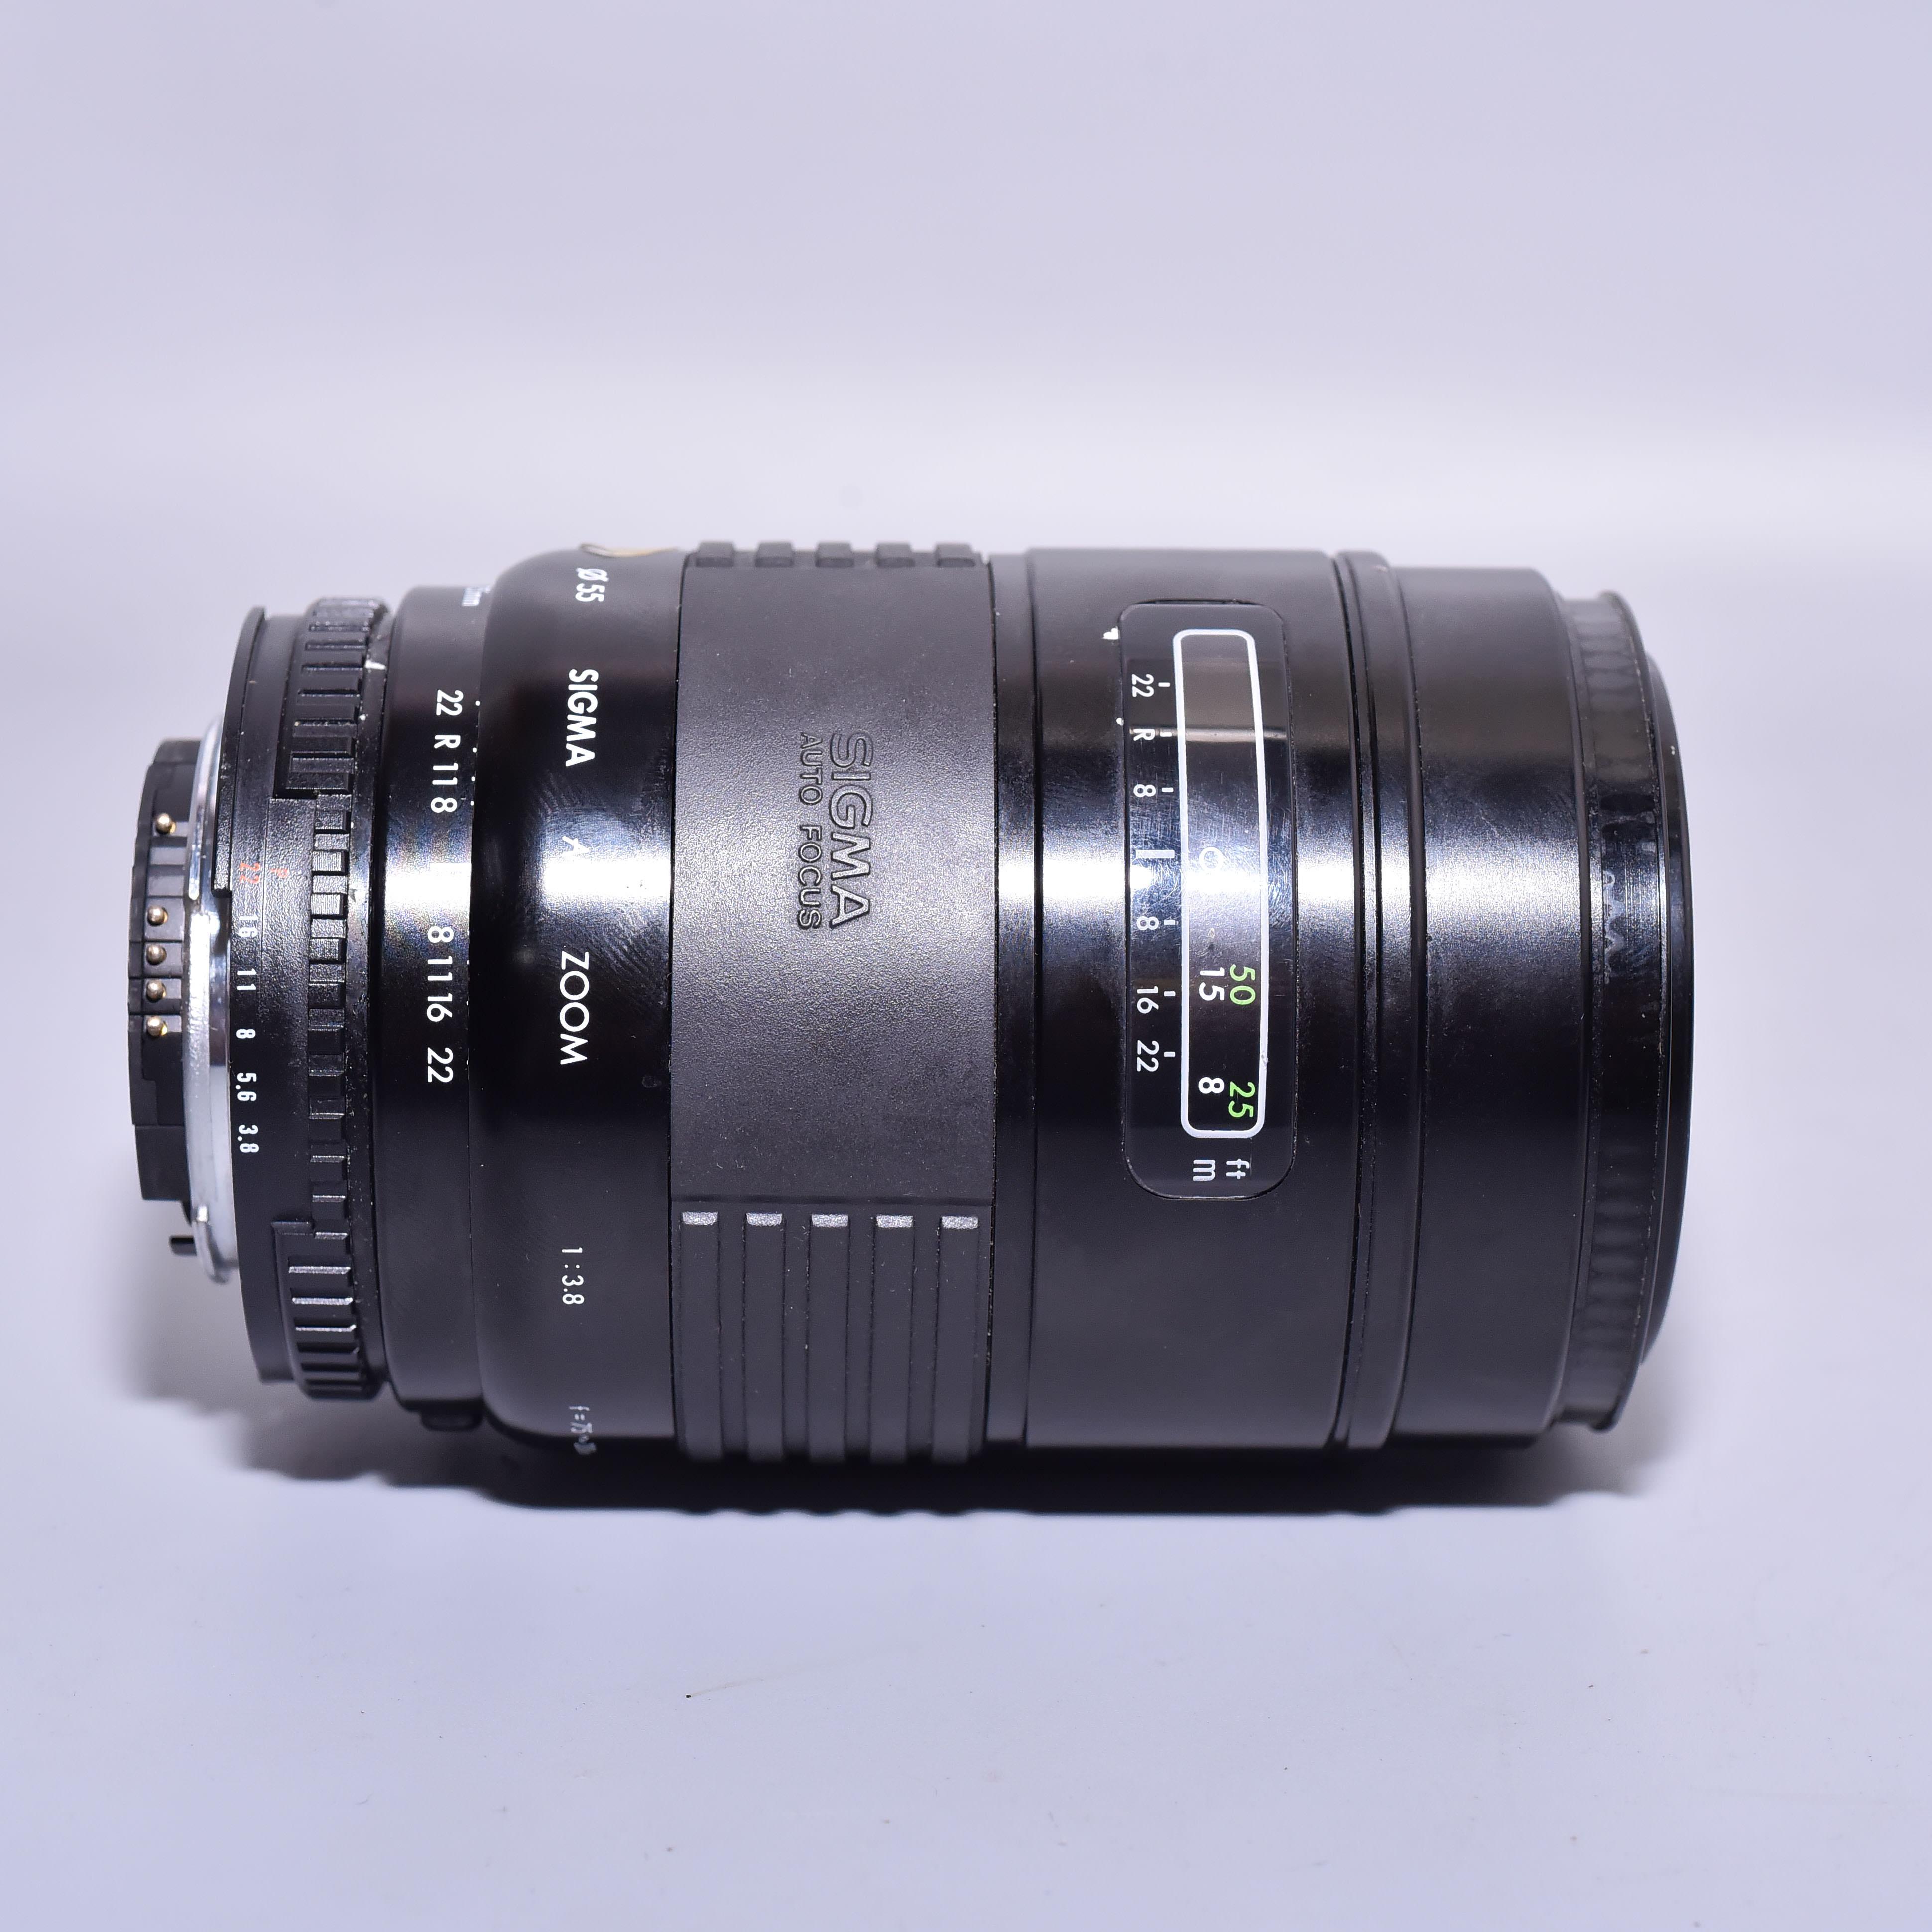 sigma-75-200mm-f3-8-af-mf-nikon-carl-zeiss-75-200-3-8-13312